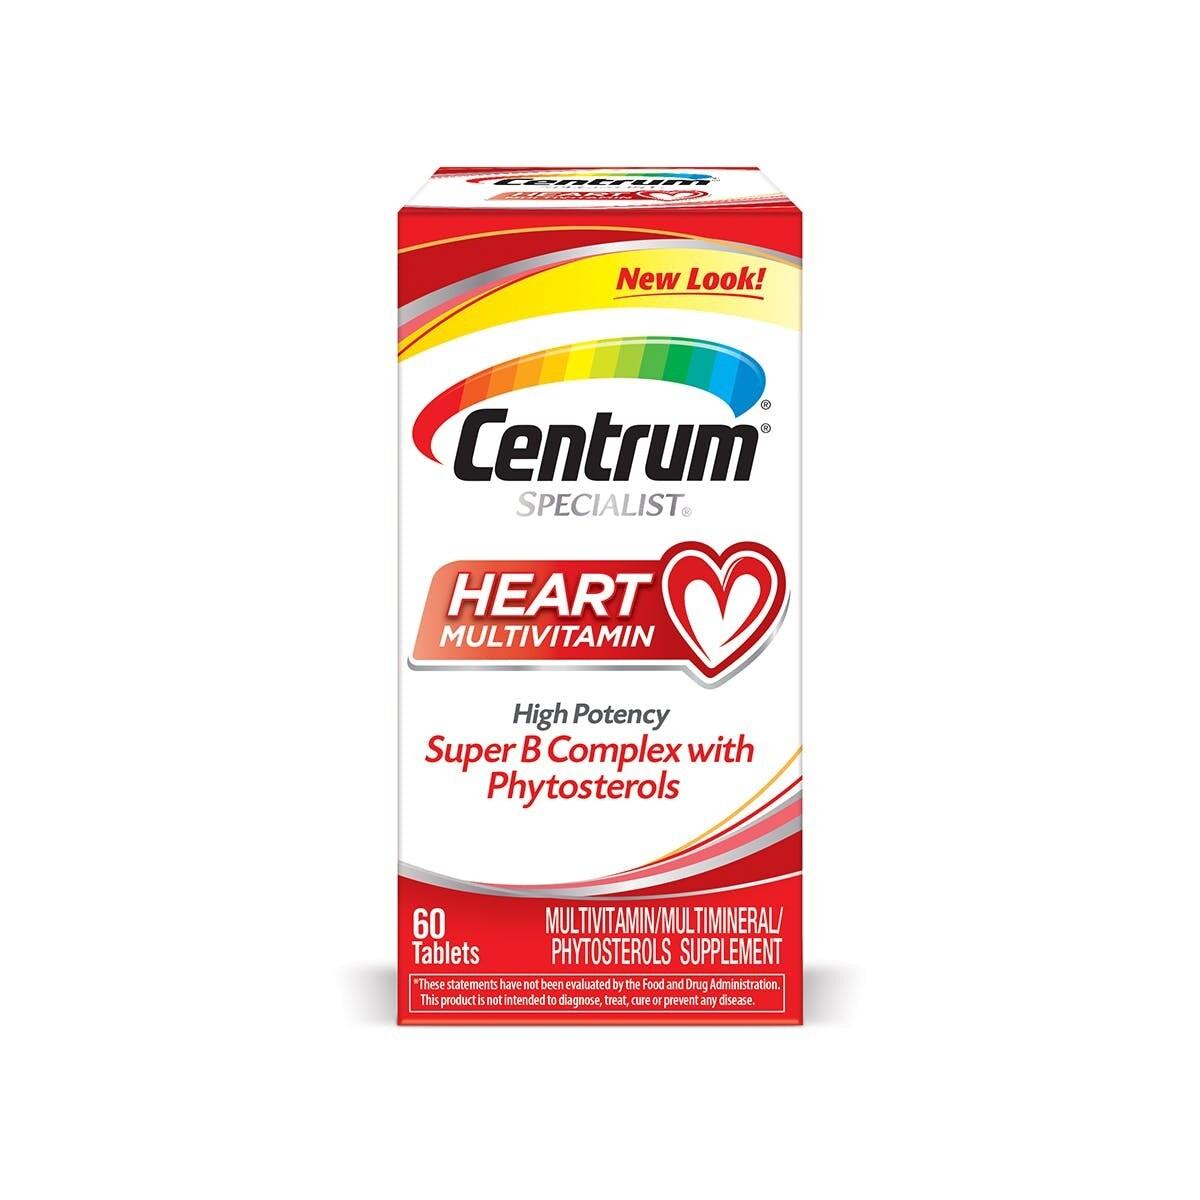 Centrum Heart Multivitamin